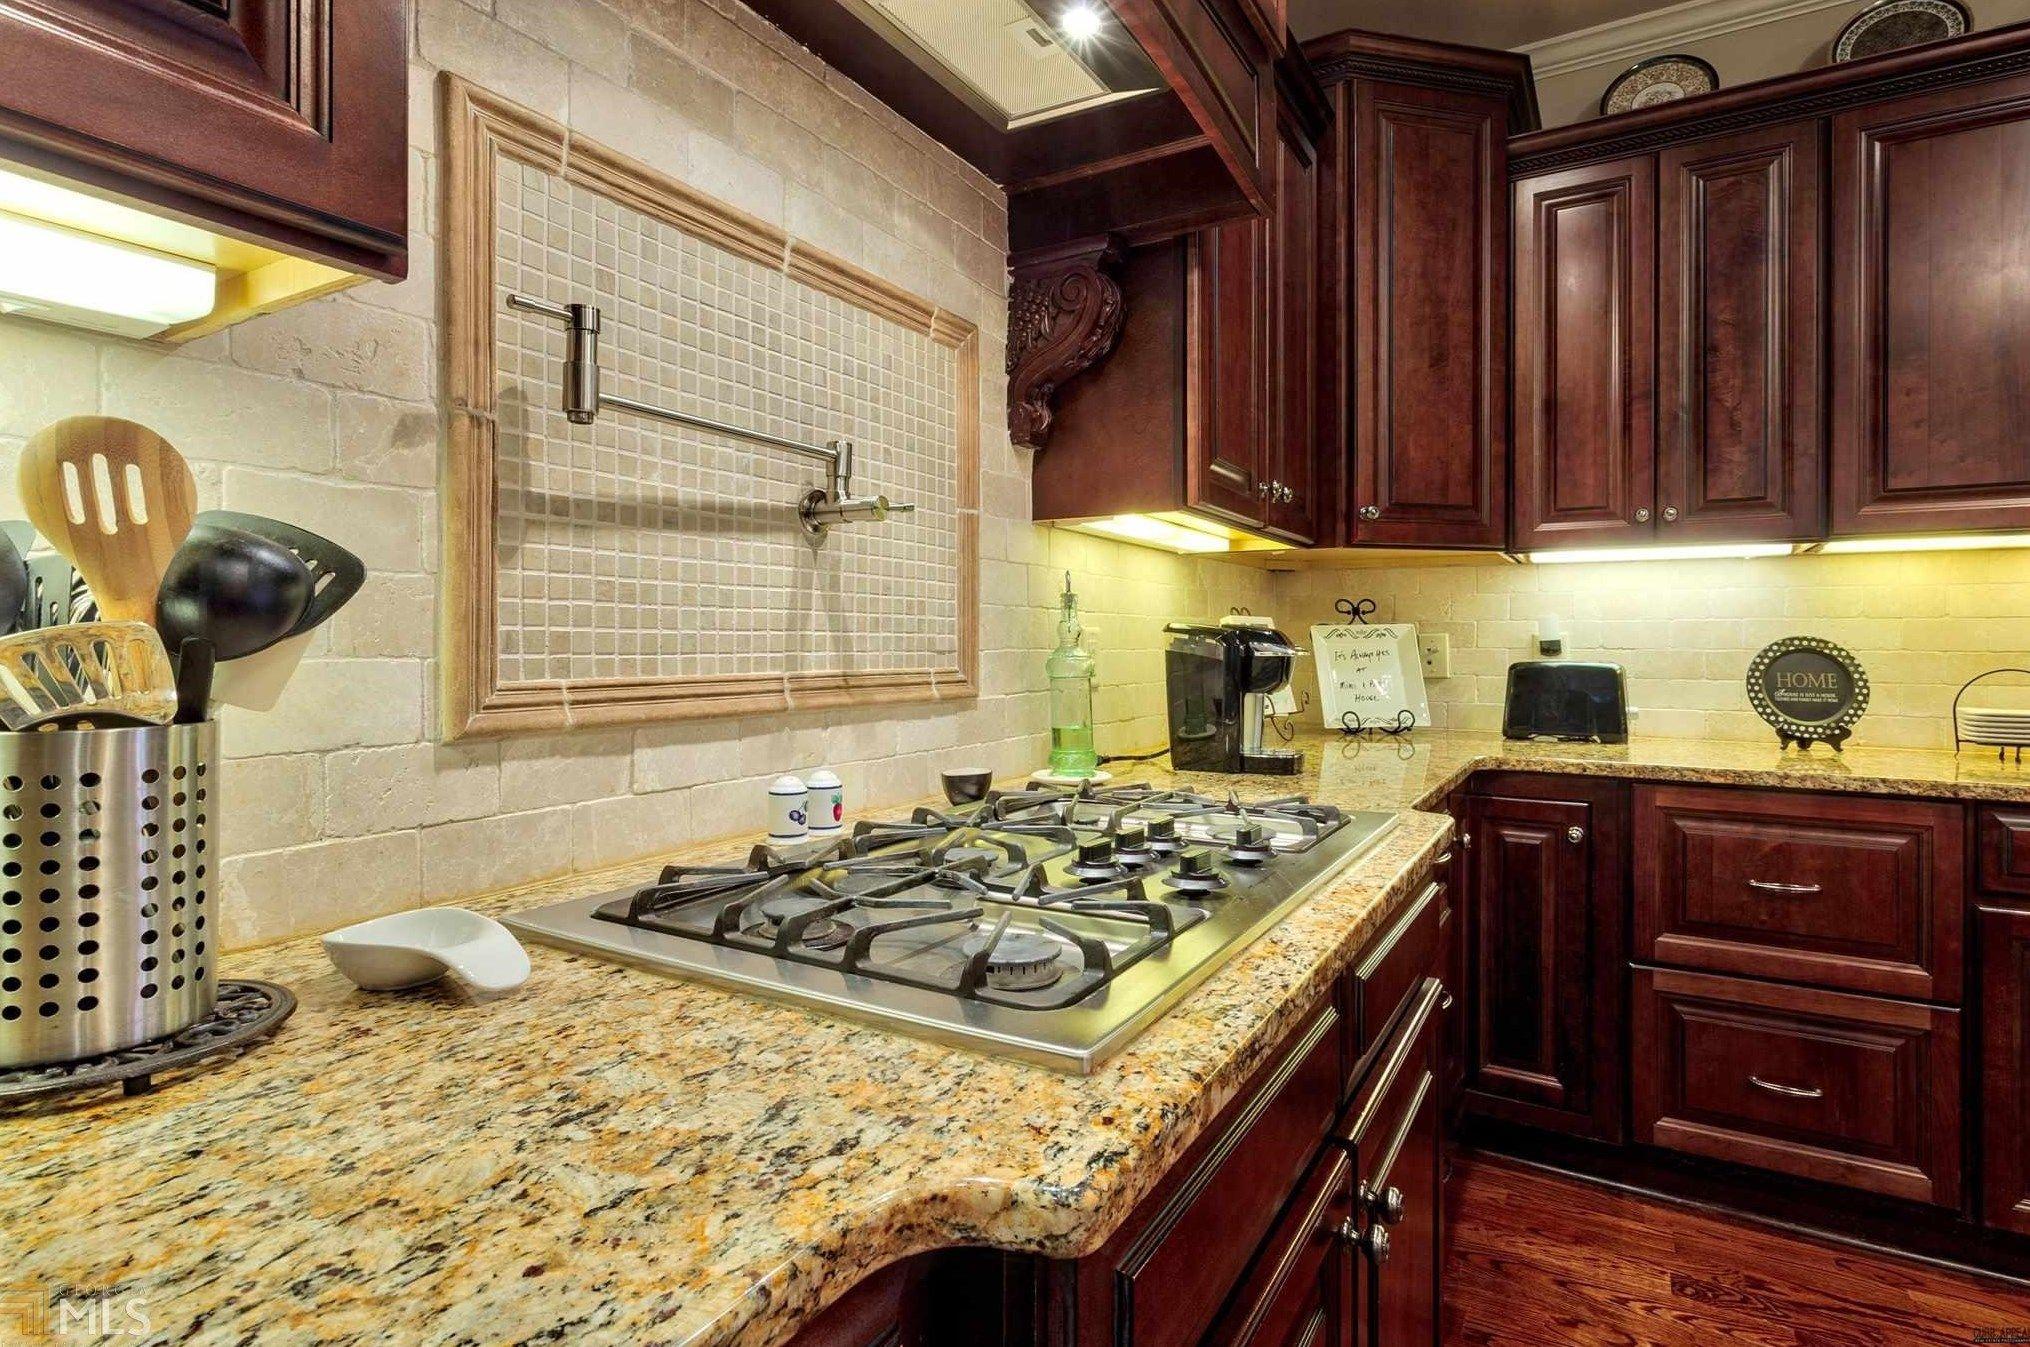 Home interior design maps for sale   saranac park peachtree city ga   view